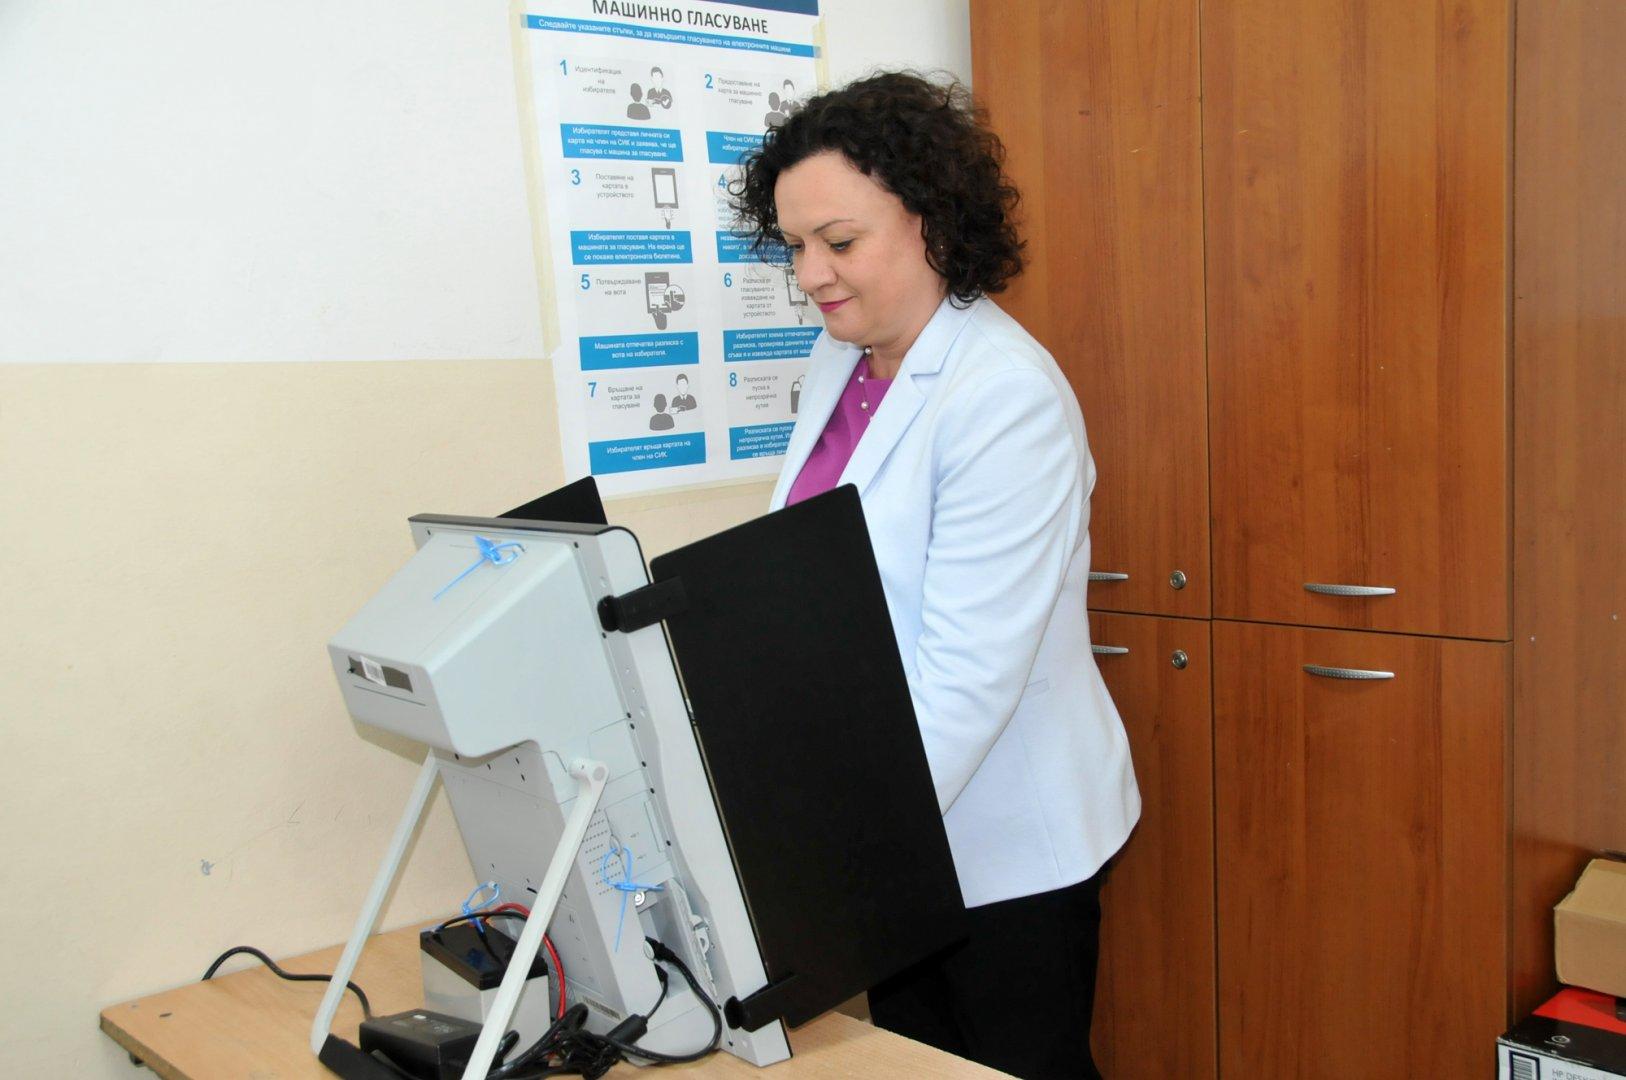 Ивелина Василева избра да гласува машинно. Снимки Лина Главинова